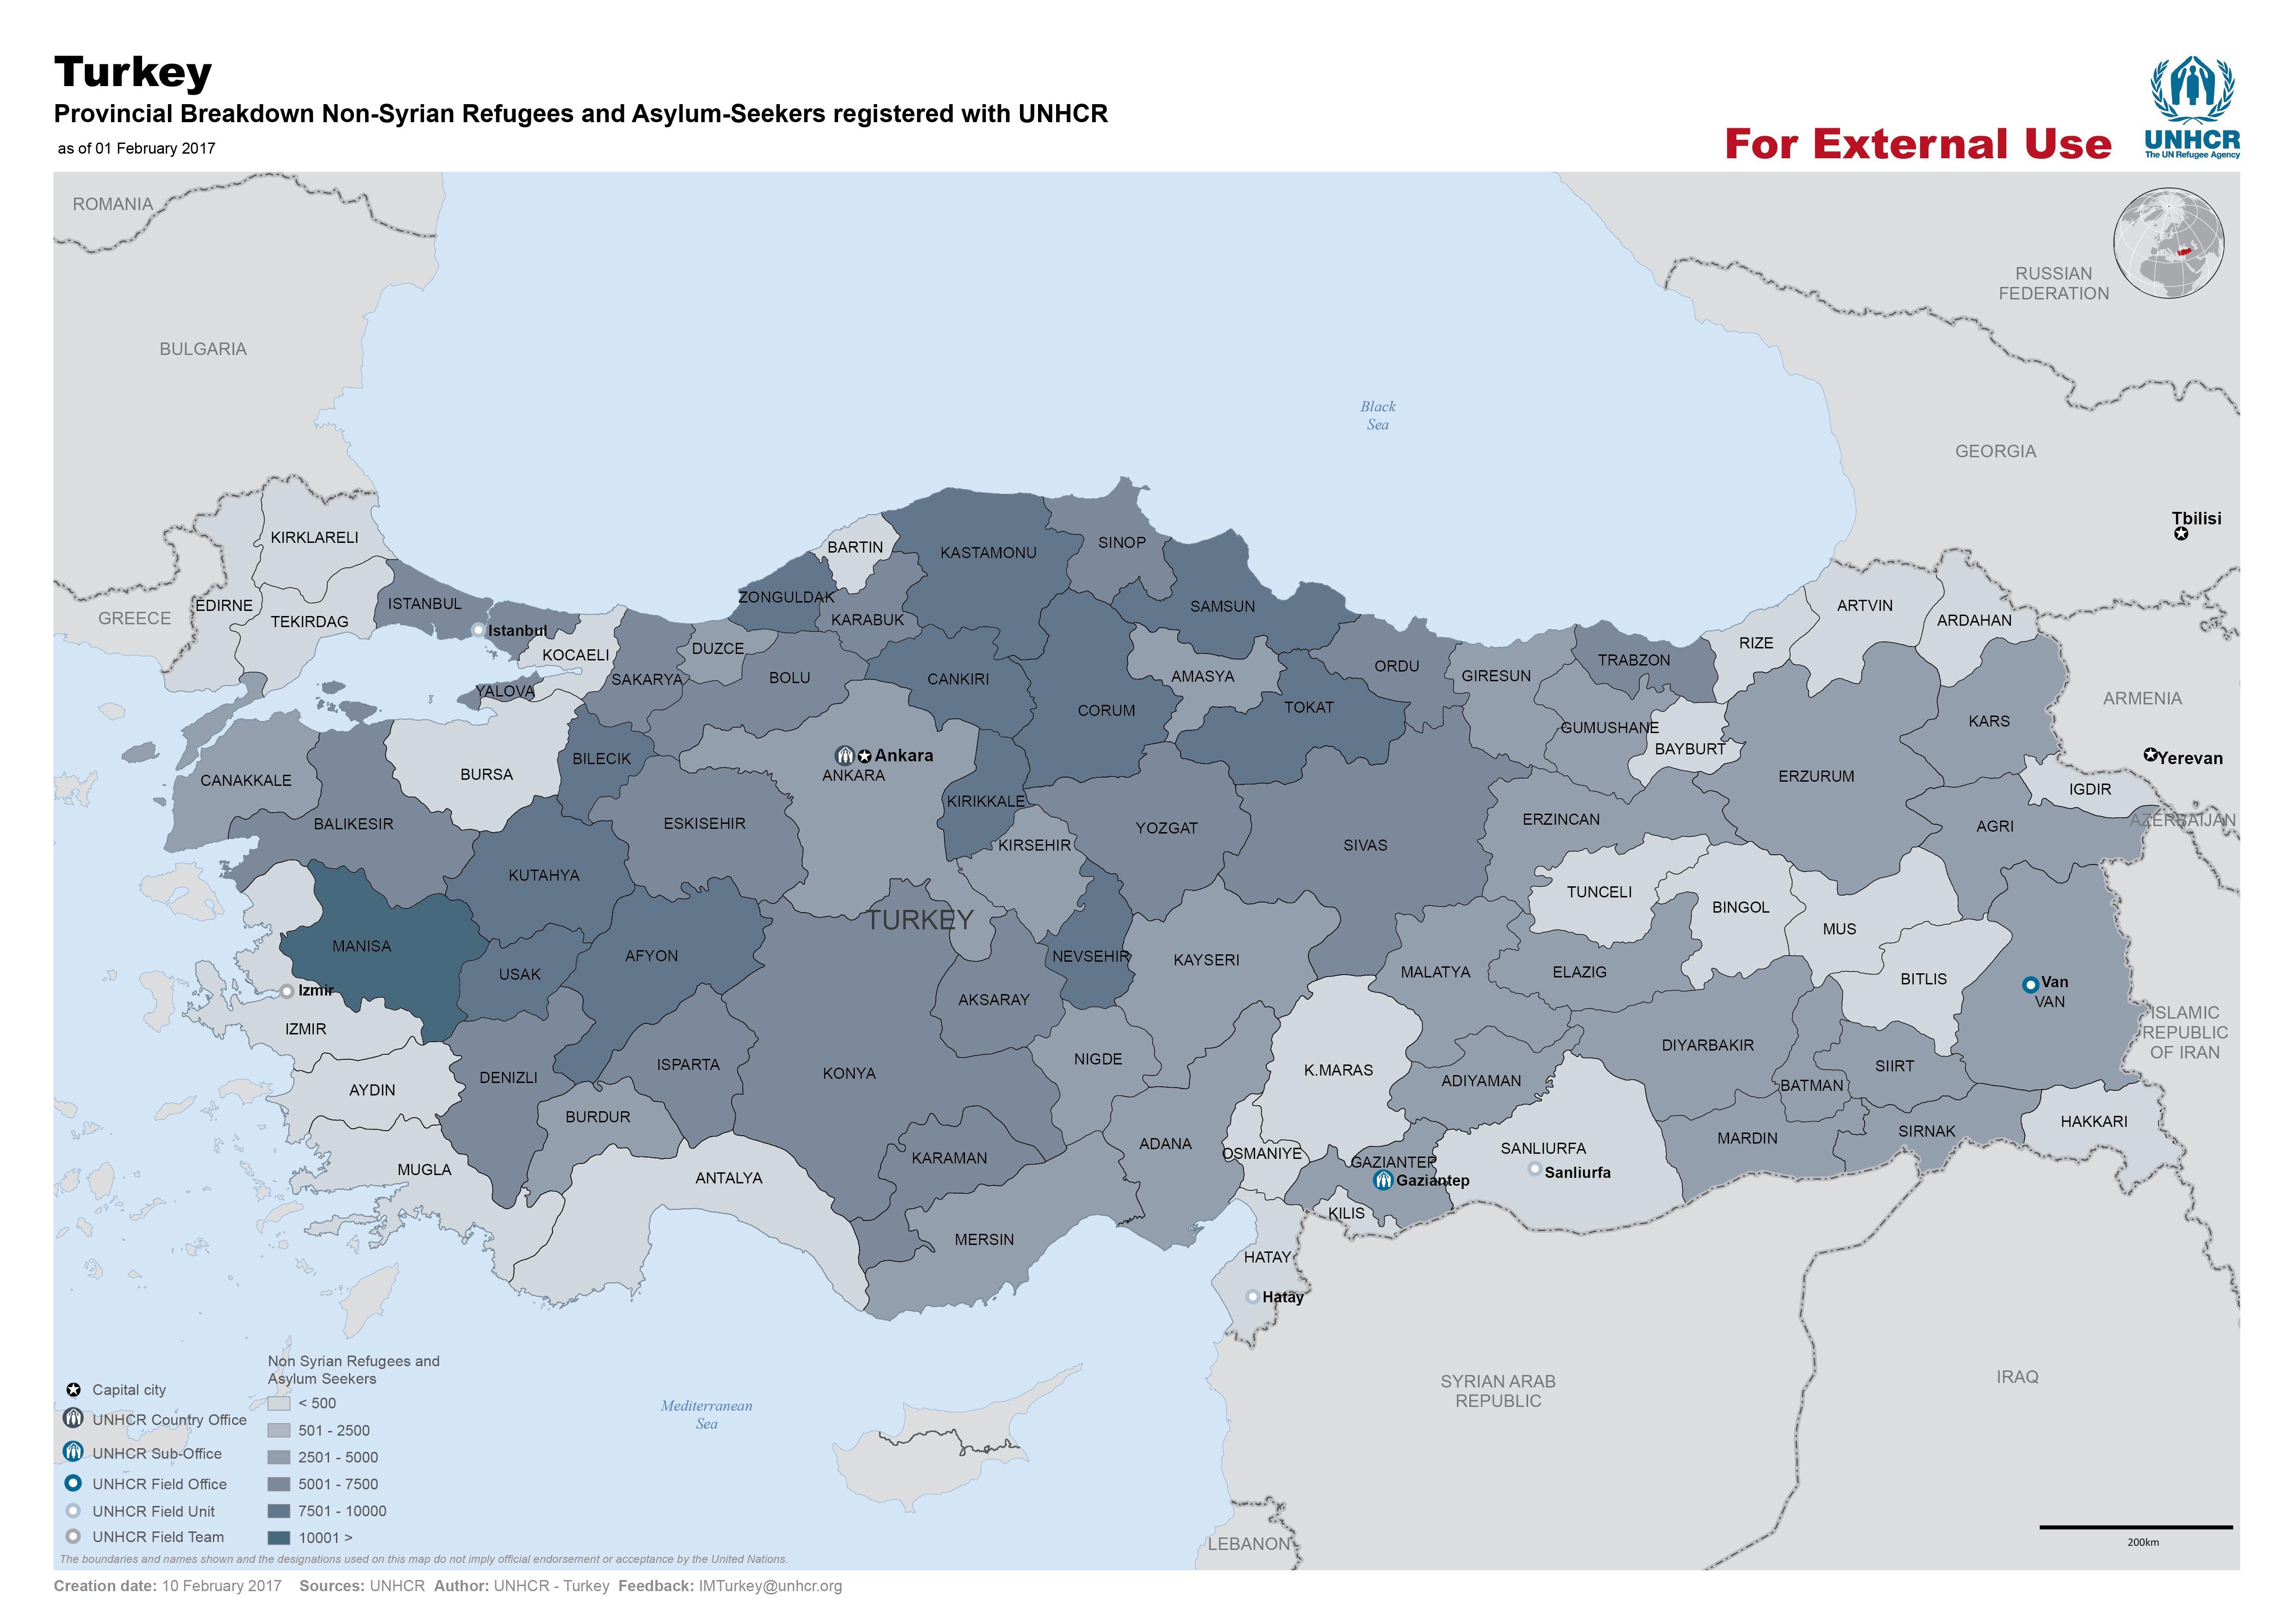 Turkey - Maps - ecoi.net